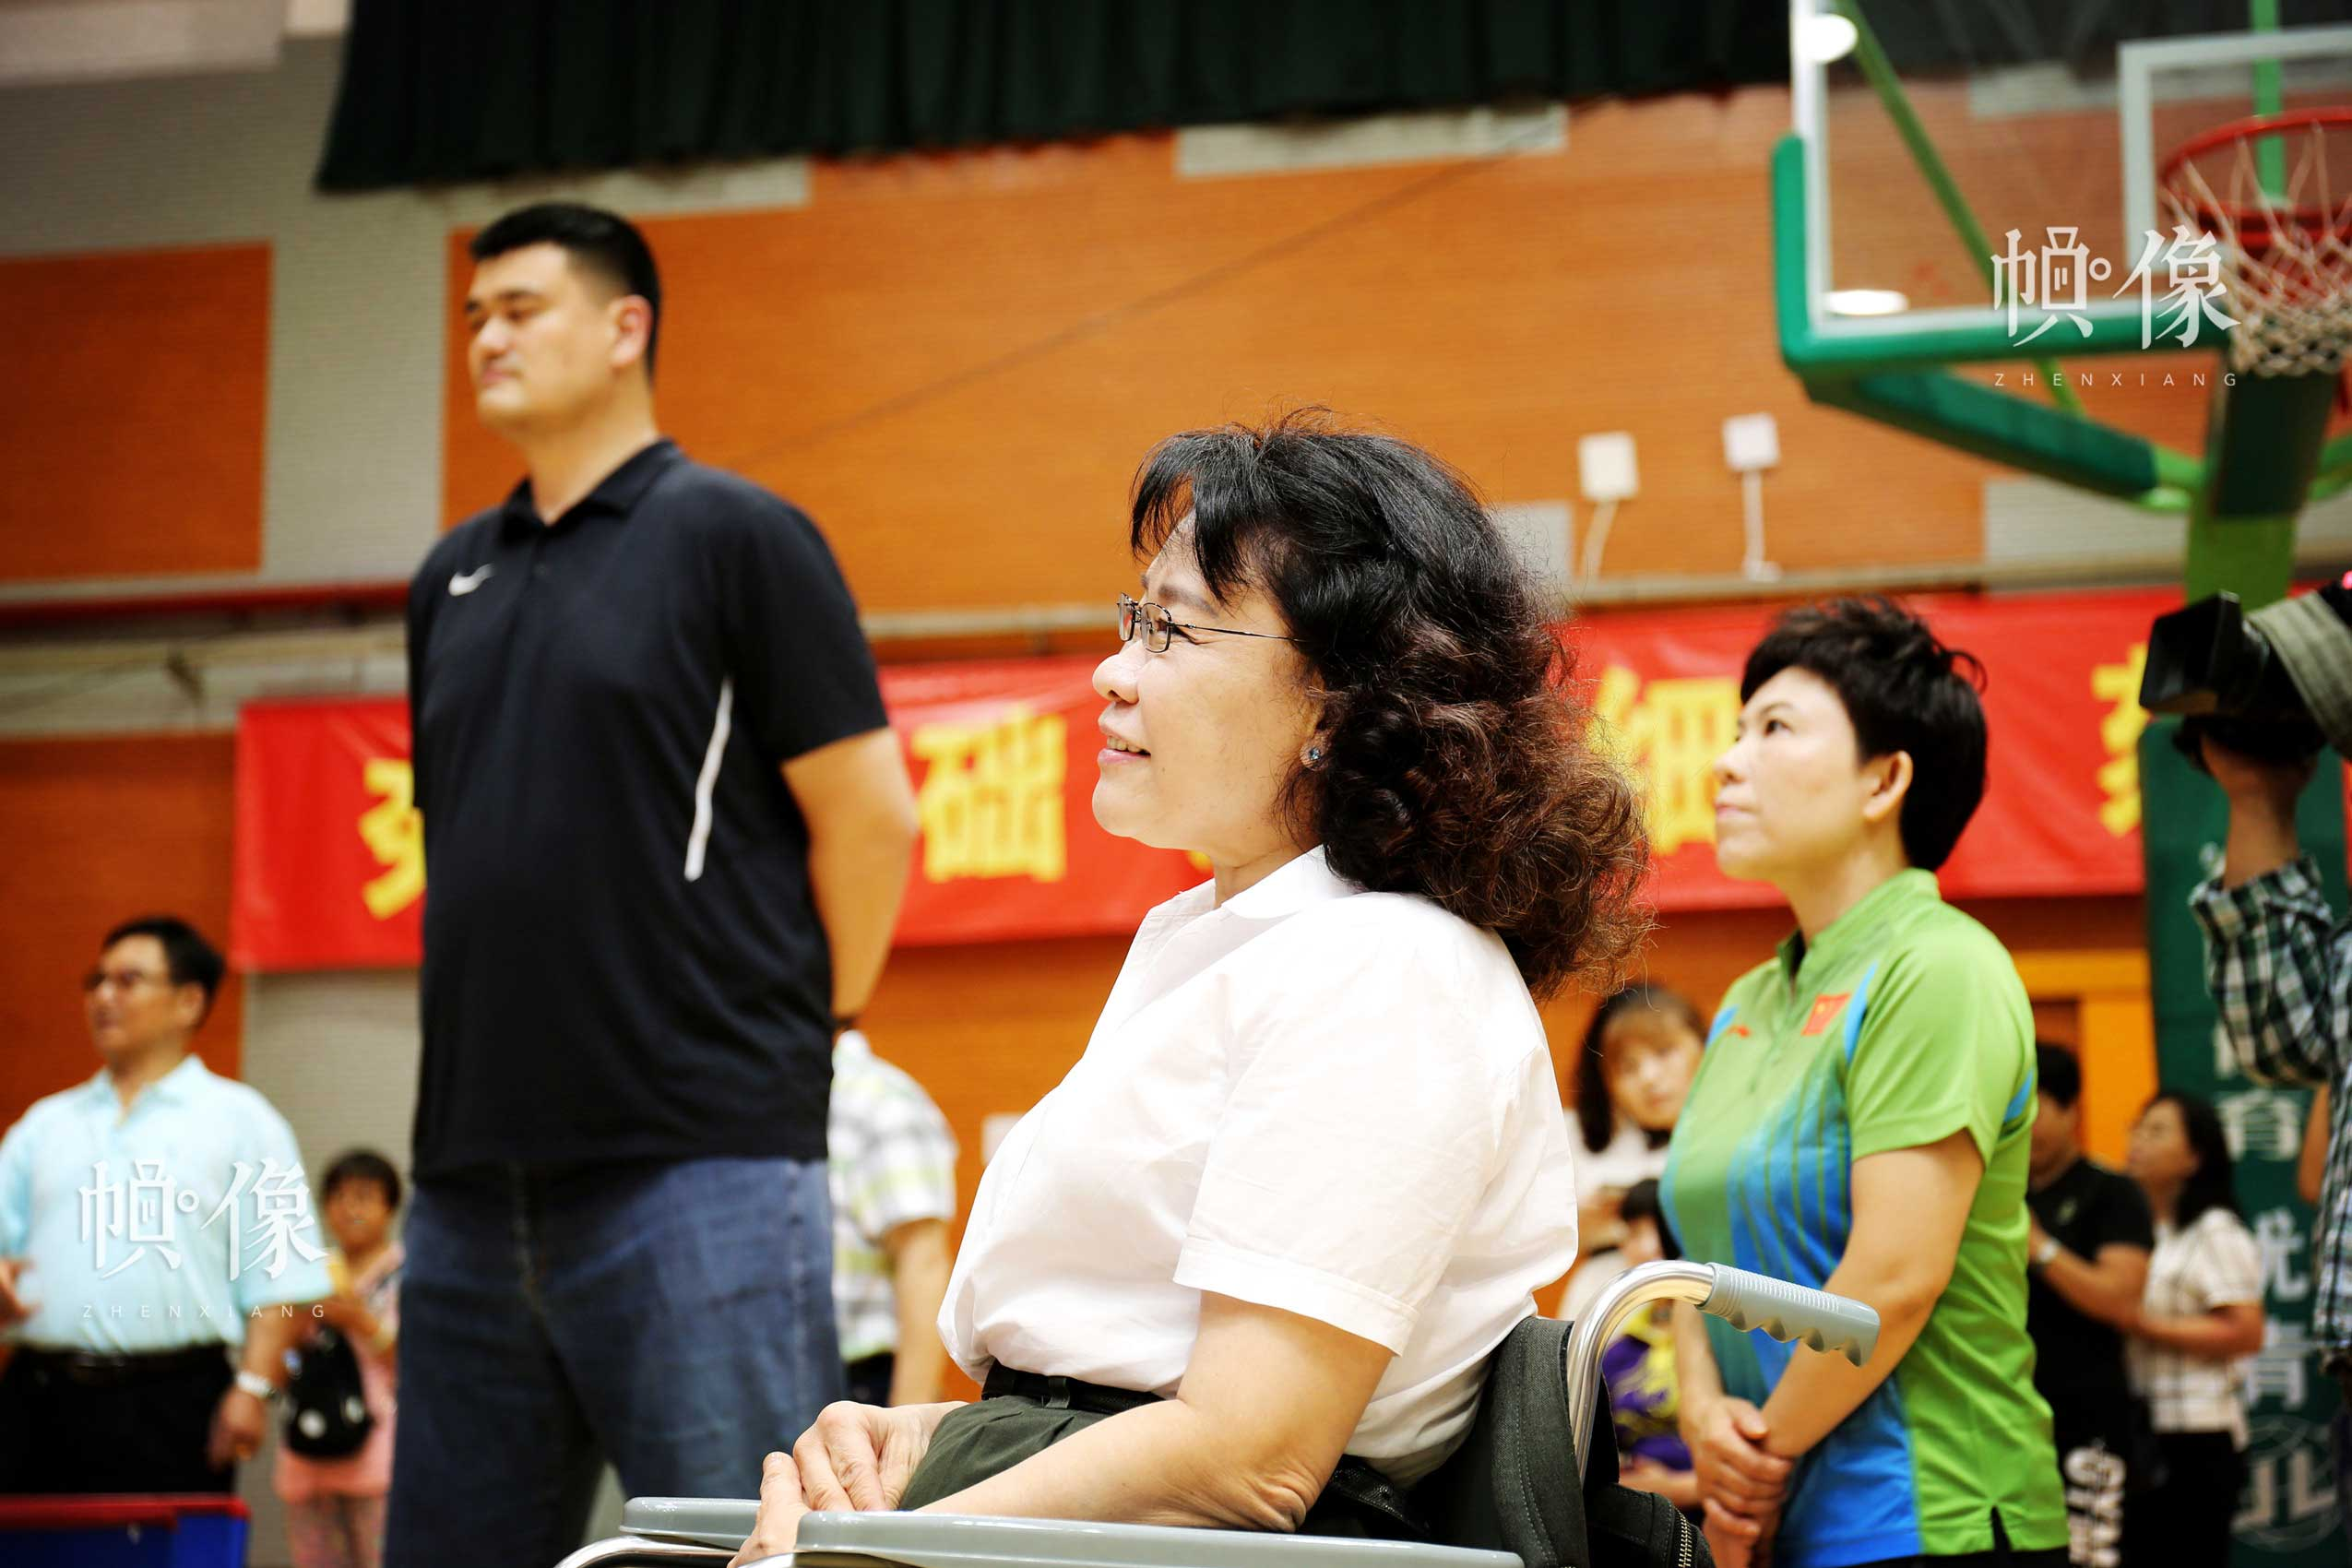 2017年8月10日,第七届残疾人健身周推广日活动在京举行。图为中国残联主席、中国残奥会主席张海迪(左二)、中国篮球协会主席姚明(左一)、邓亚萍(右一)出席活动。中国网记者 王梦泽 摄